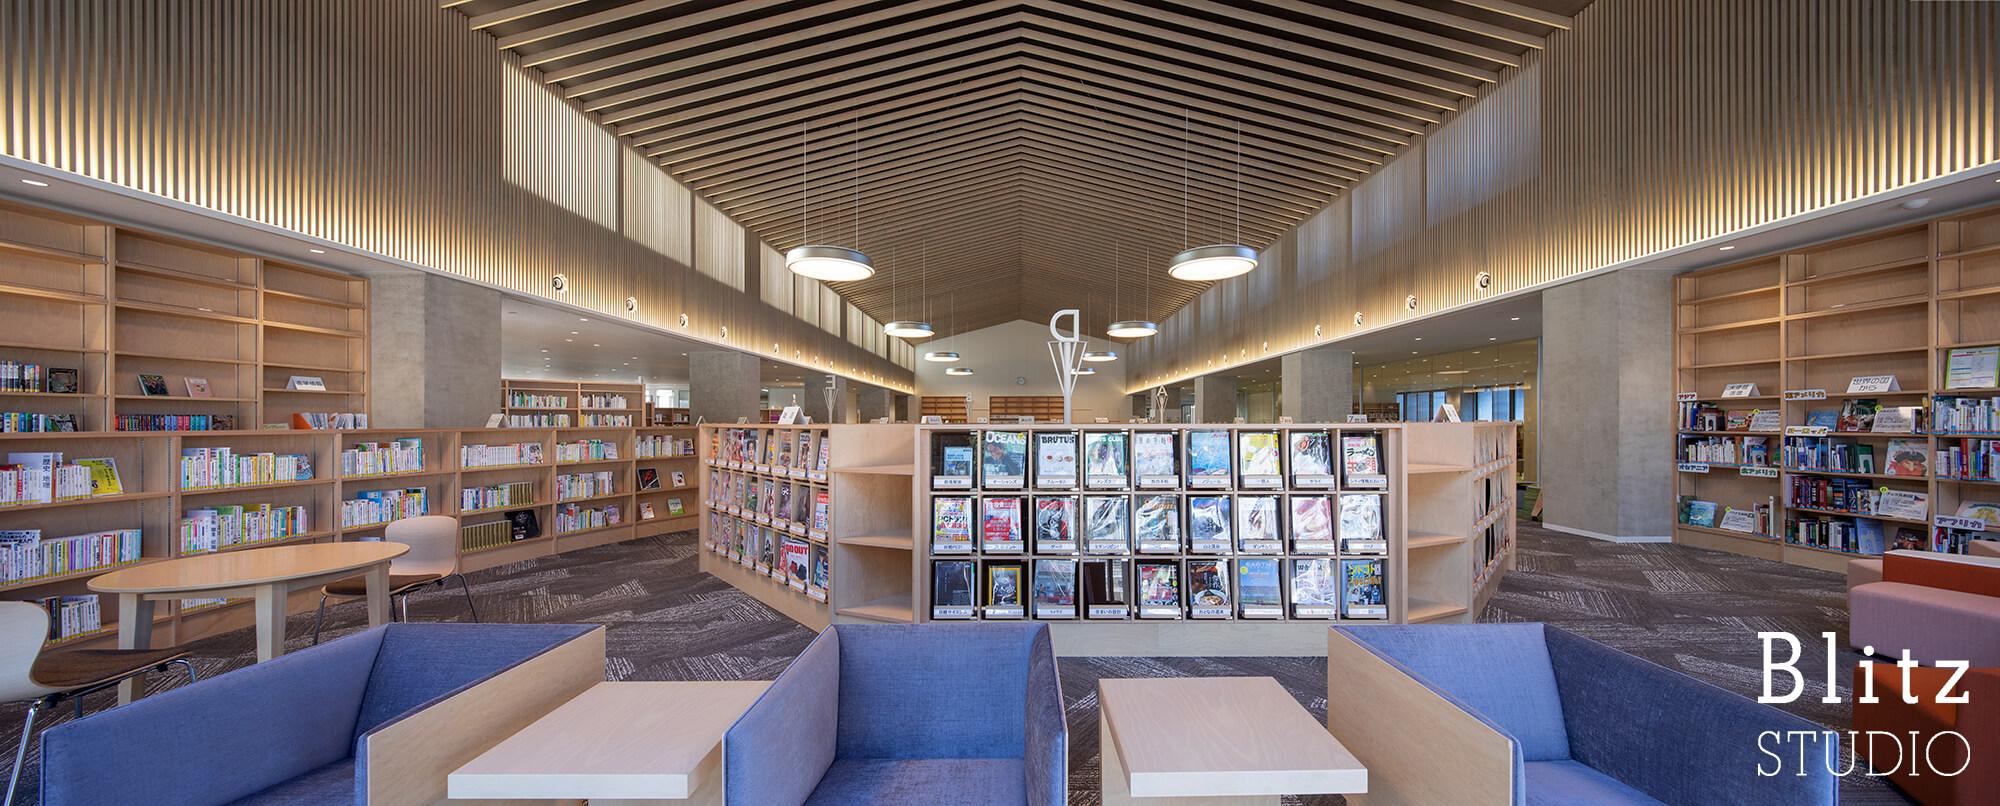 『豊後大野市立図書館』建築写真・竣工写真・インテリア写真11